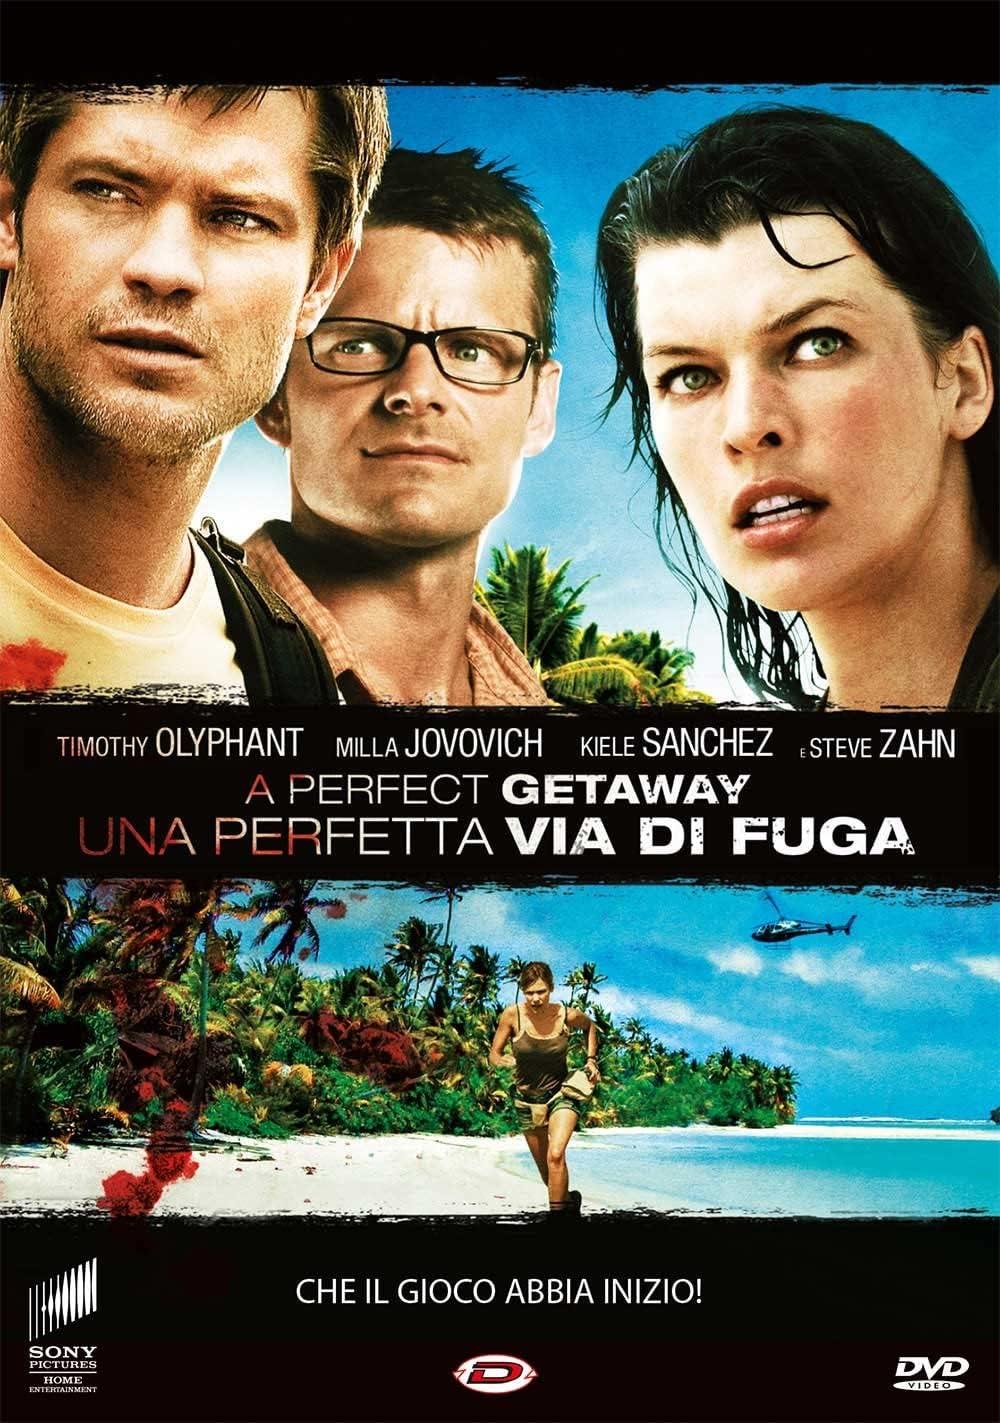 A Perfect Getaway (2009) Hindi Dubbed